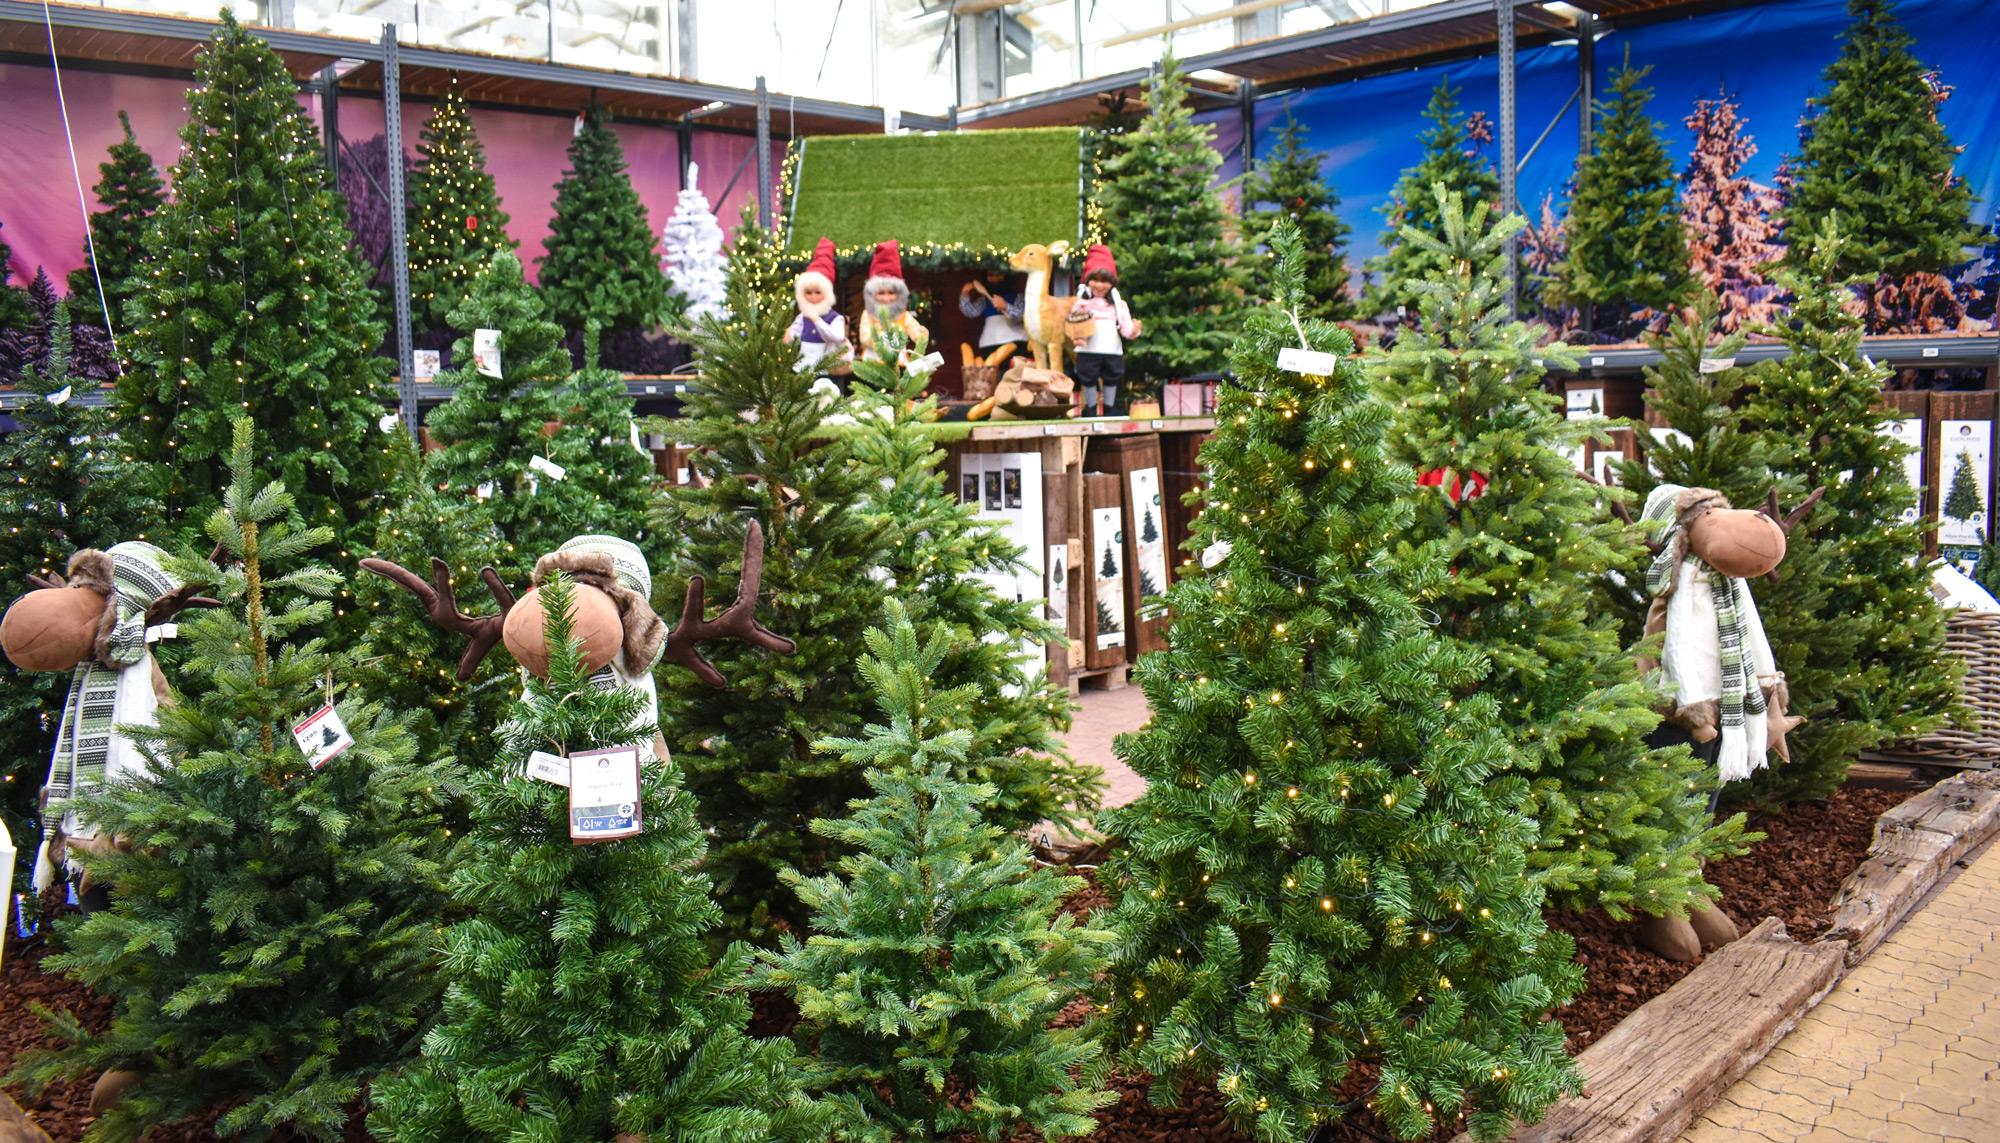 Et julemirakel på 1000 kvm: Plantorama åbner kæmpe juleudstilling